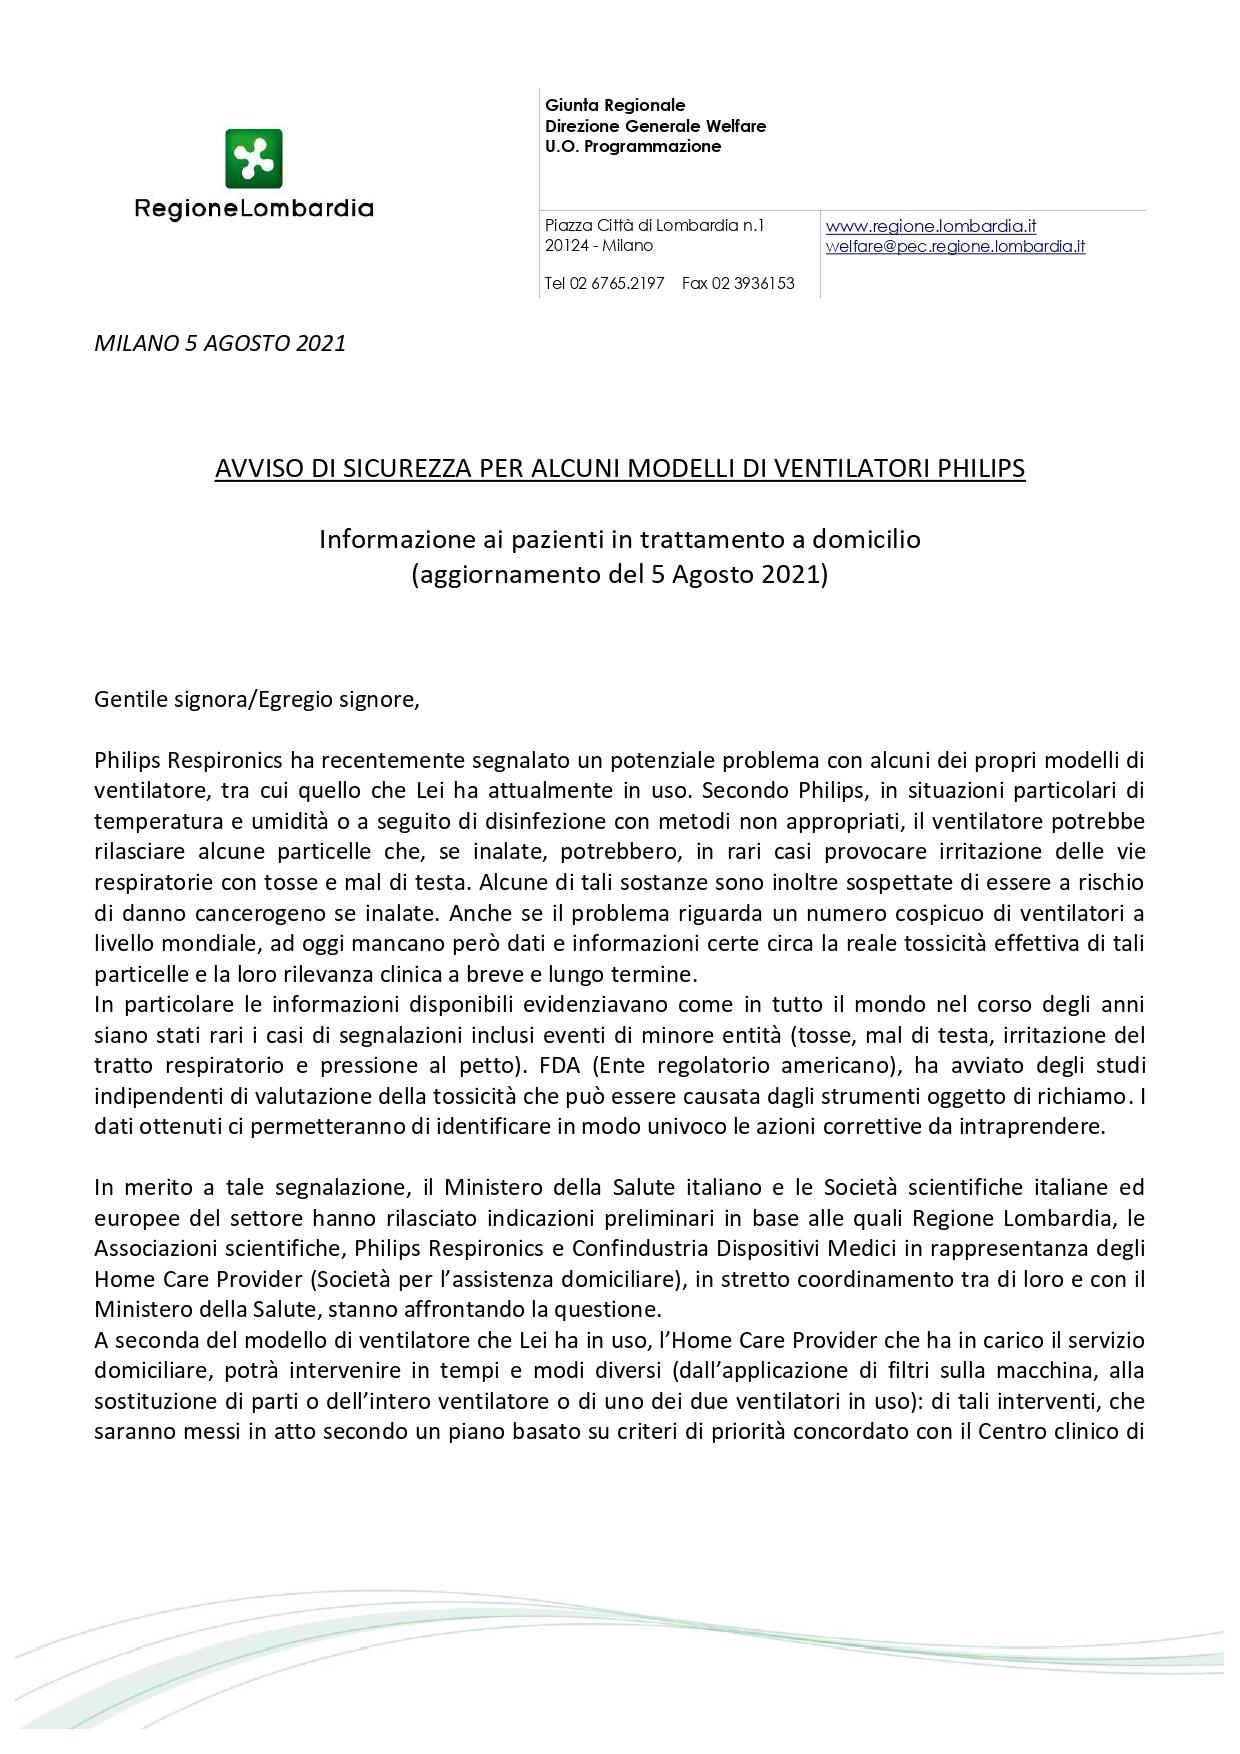 Nota Regione Lombardia 5 agosto su Avviso Sicurezza Philips